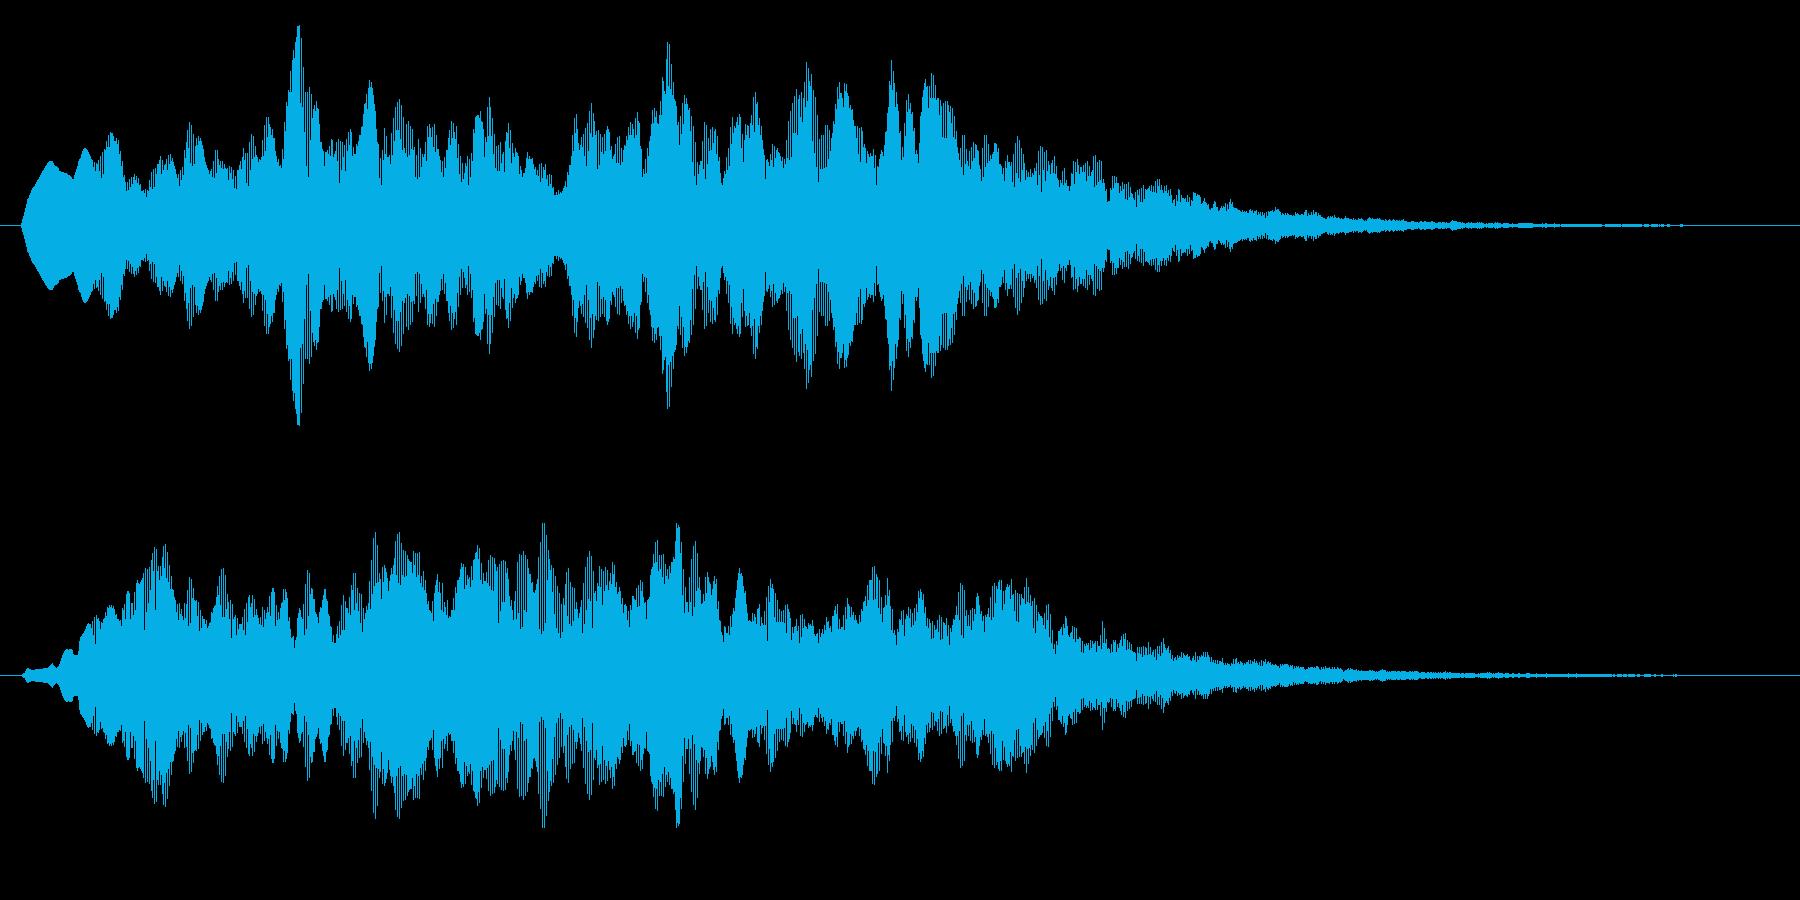 「フワ~」「シャラララ~」とした広がる音の再生済みの波形